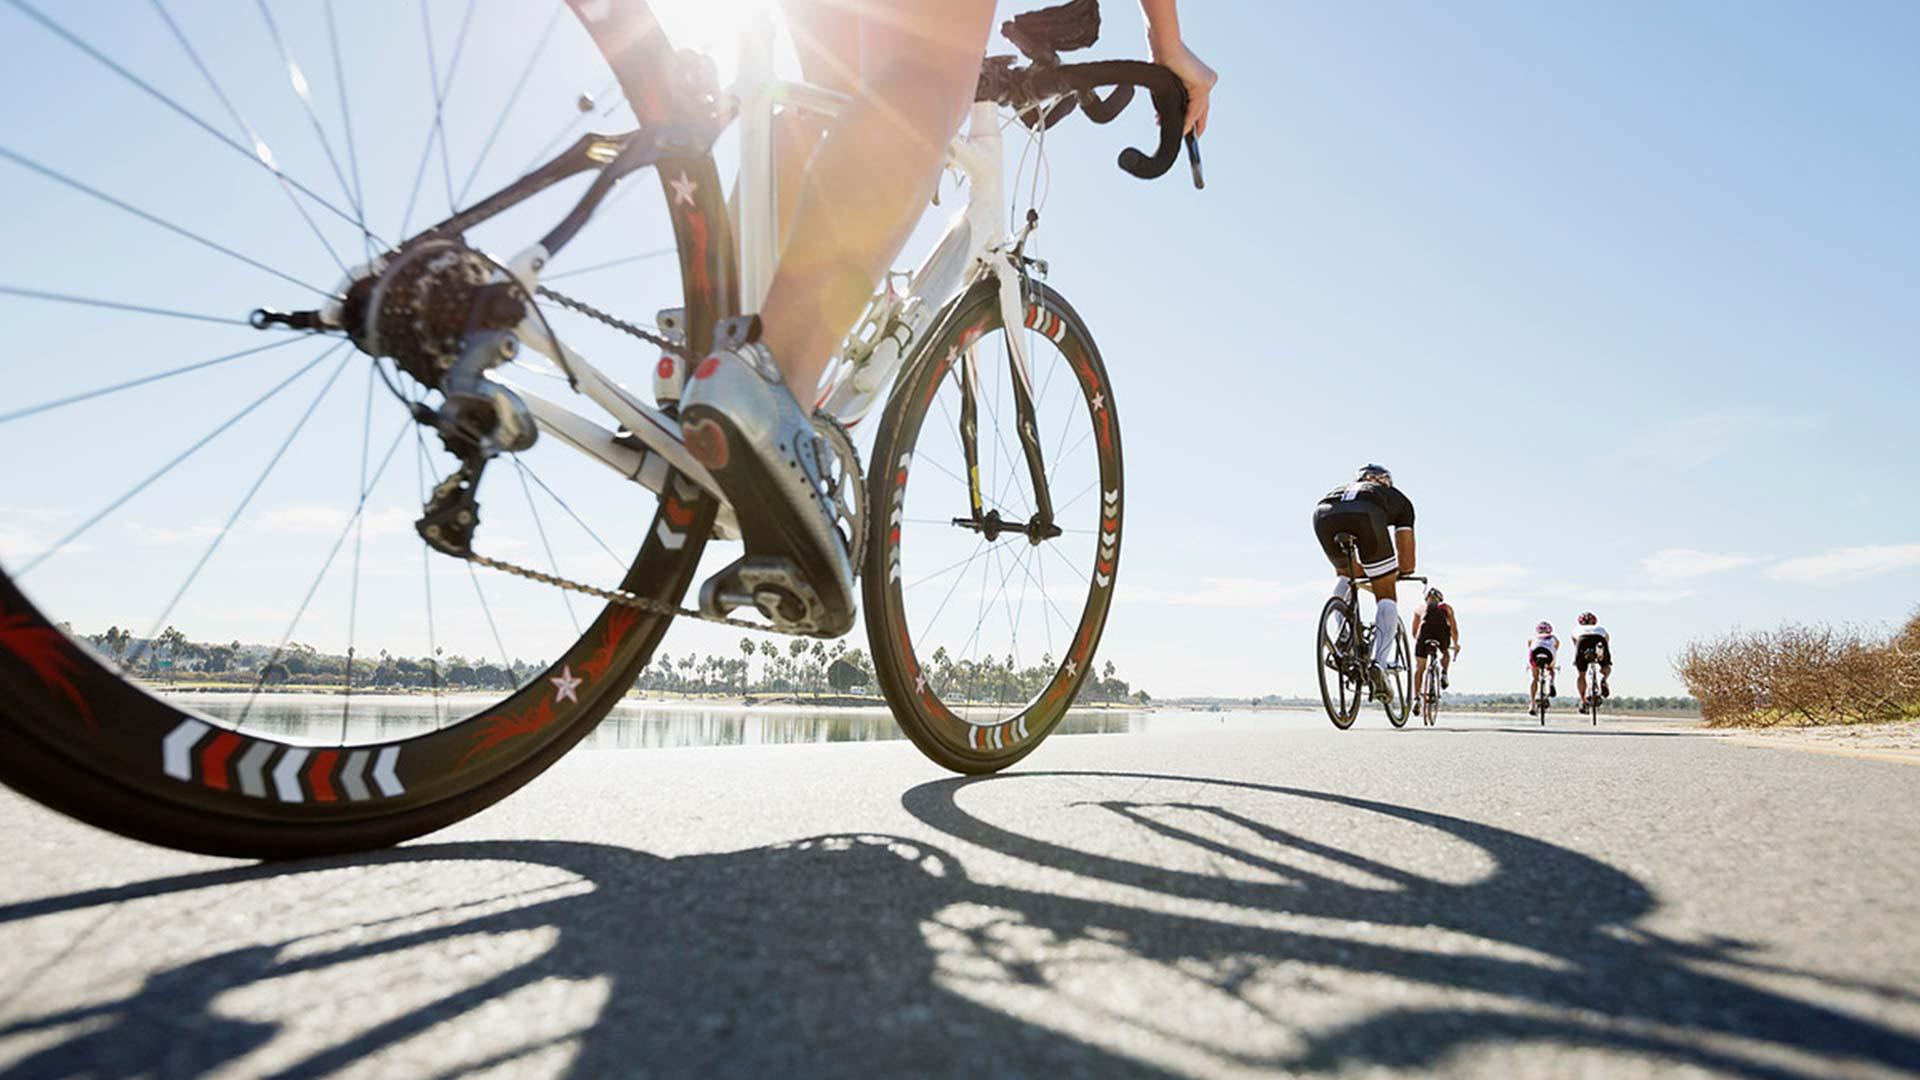 Racefiets kopen gids: welke fiets past bij jou?